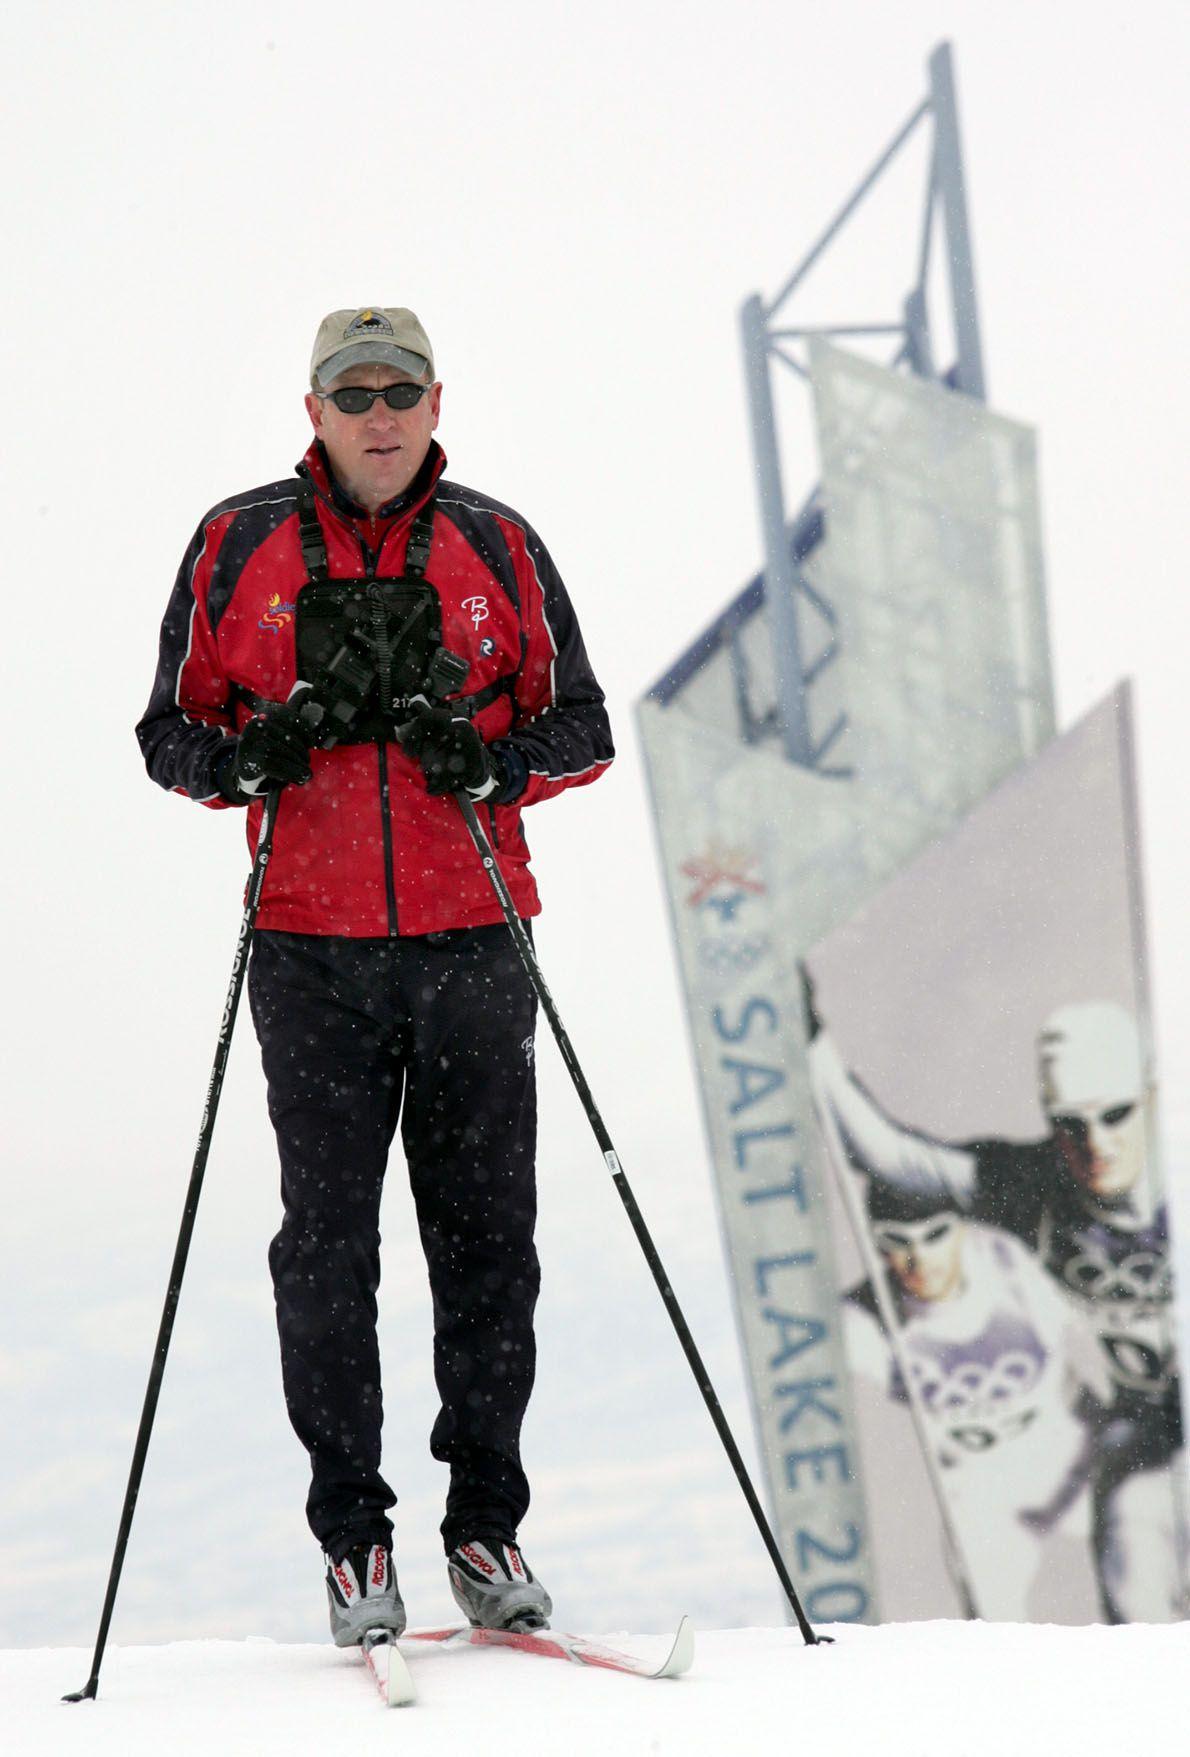 Howard Peterson at Soldier Hollow in Heber Valley, Utah Feb. 18, 2005.